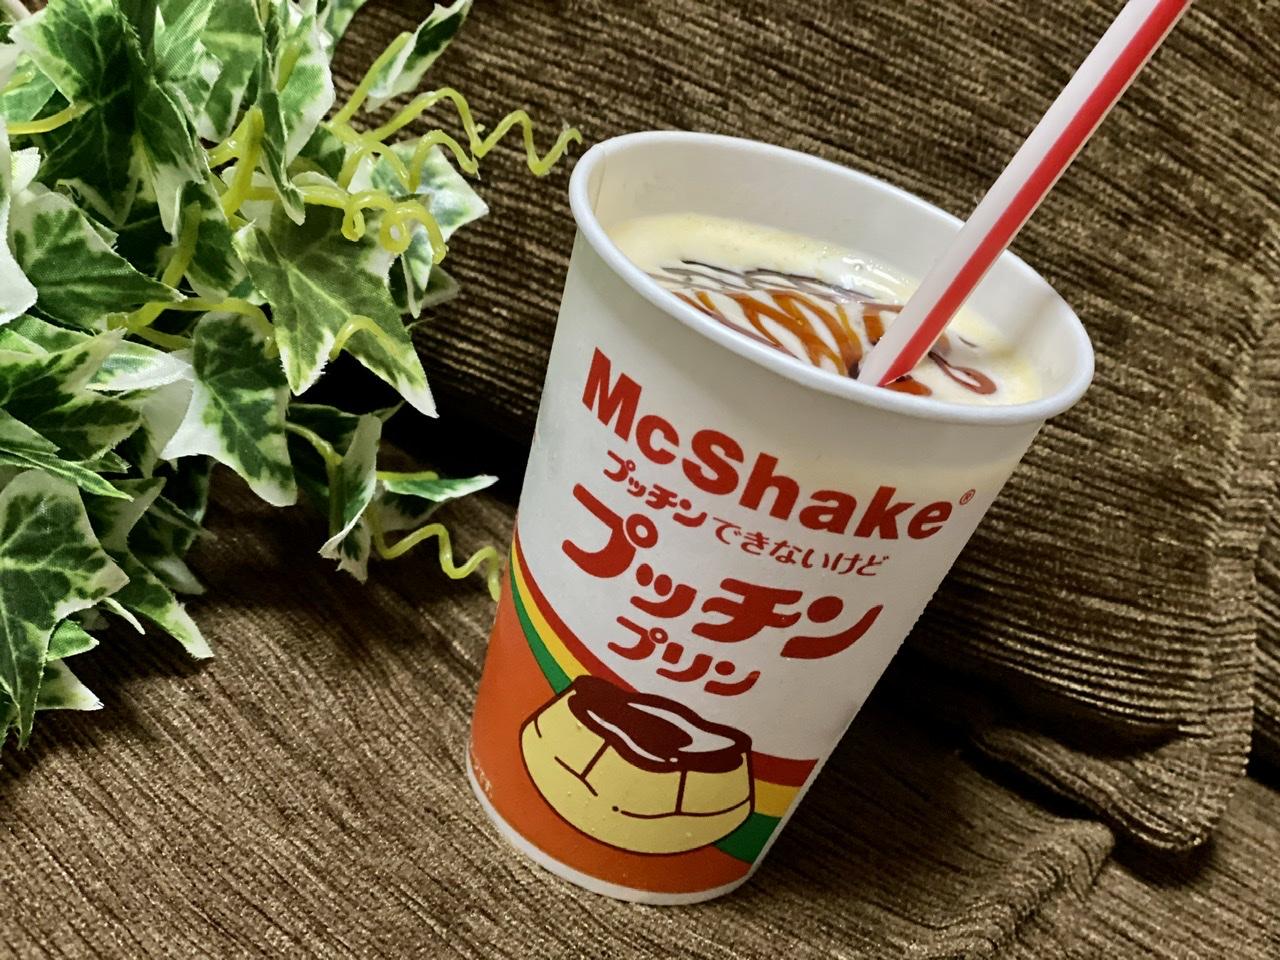 【マックシェイク】プッチンできる!ちょい足しソース付《プッチンプリン》を実食♡_5